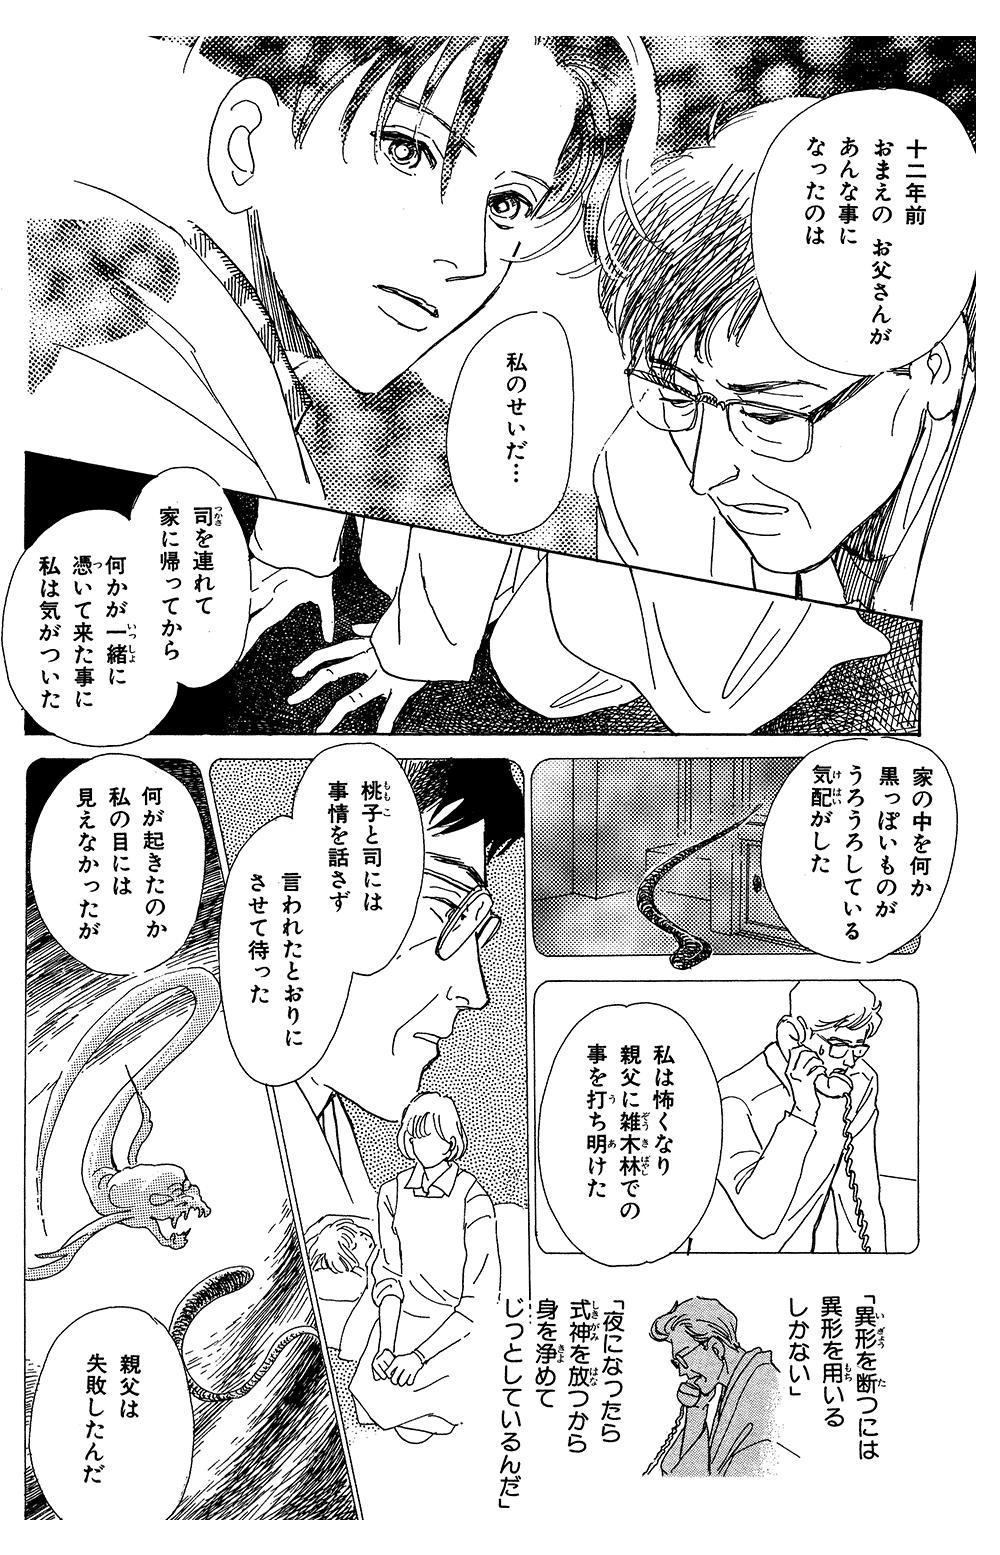 百鬼夜行抄 第1話「闇からの呼び声」⑤hyakki1-5-1.jpg